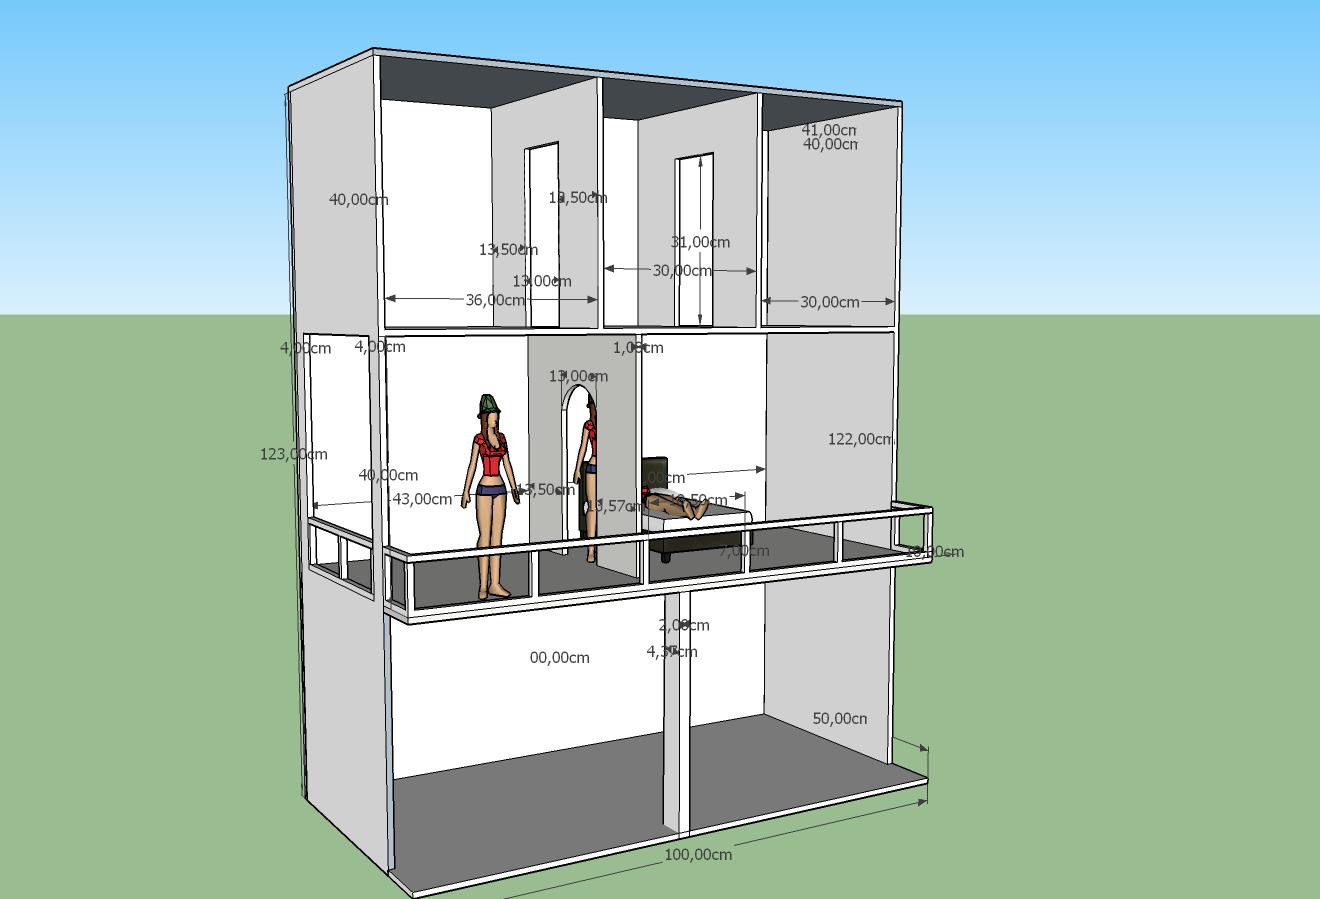 Plan maison barbie ventana blog - Plan de maison de barbie ...